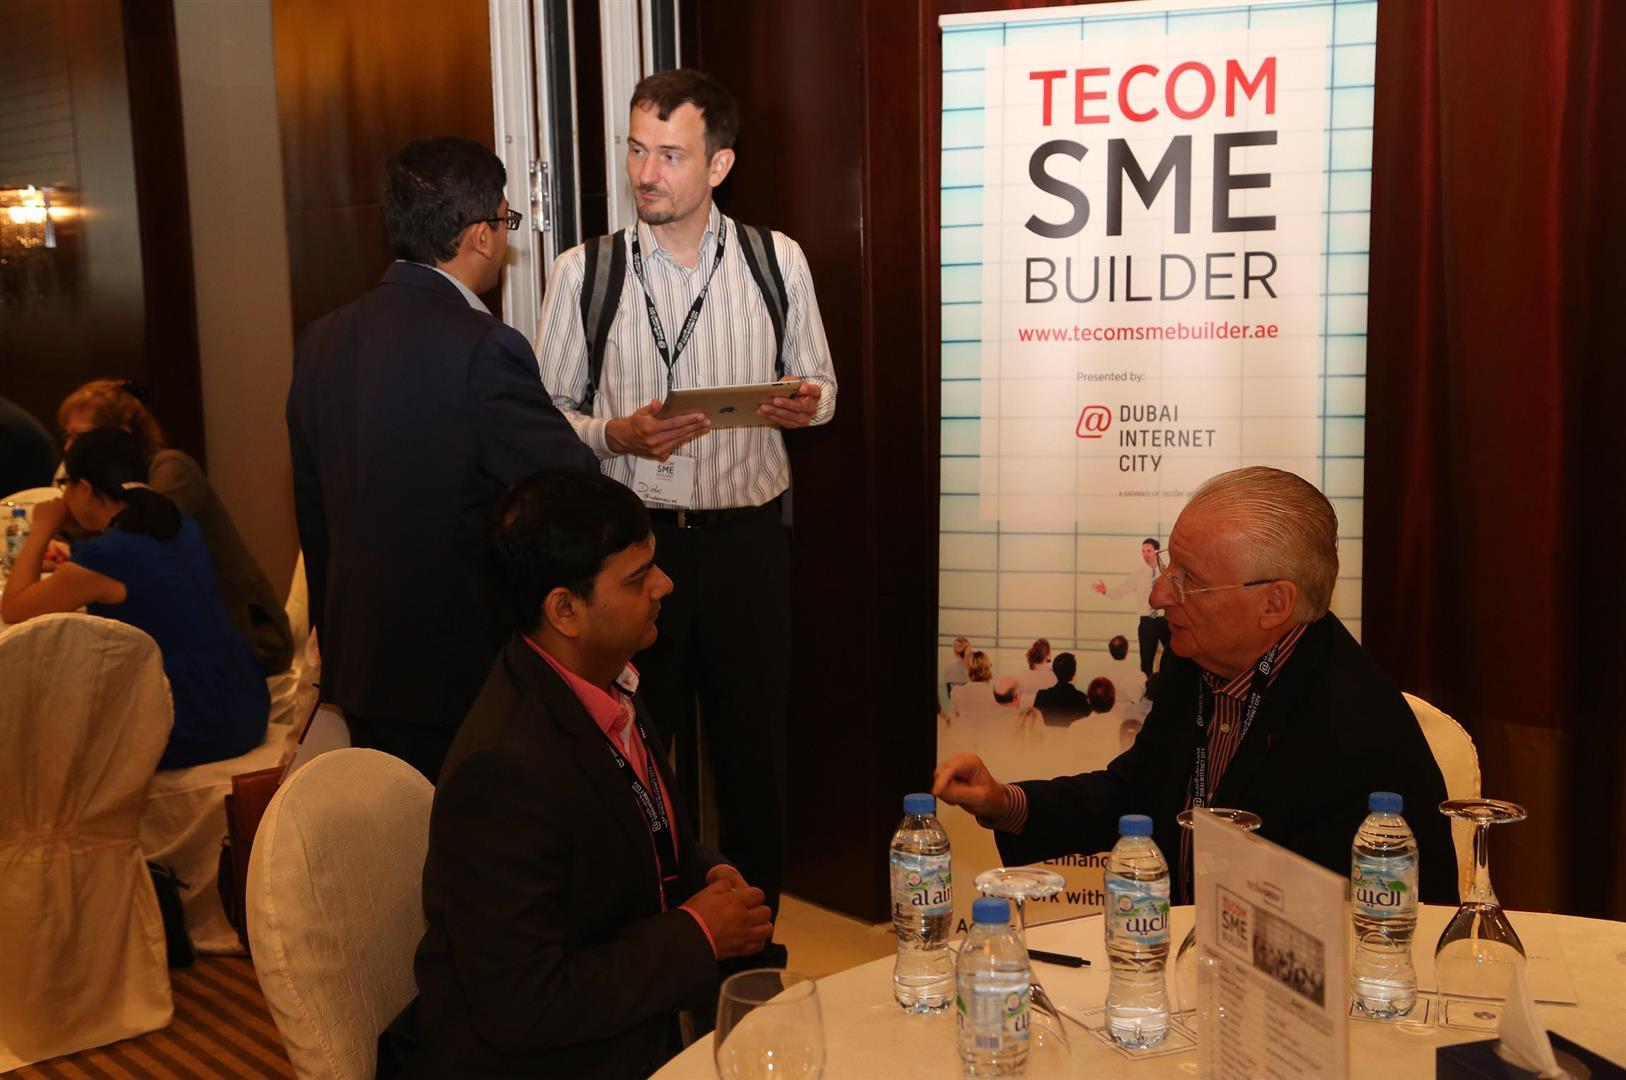 """مدينة دبي للإنترنت تستضيف النسخة الـ20 من """"ملتقى تيكوم لدعم المشاريع الصغيرة والمتوسطة"""". 3"""